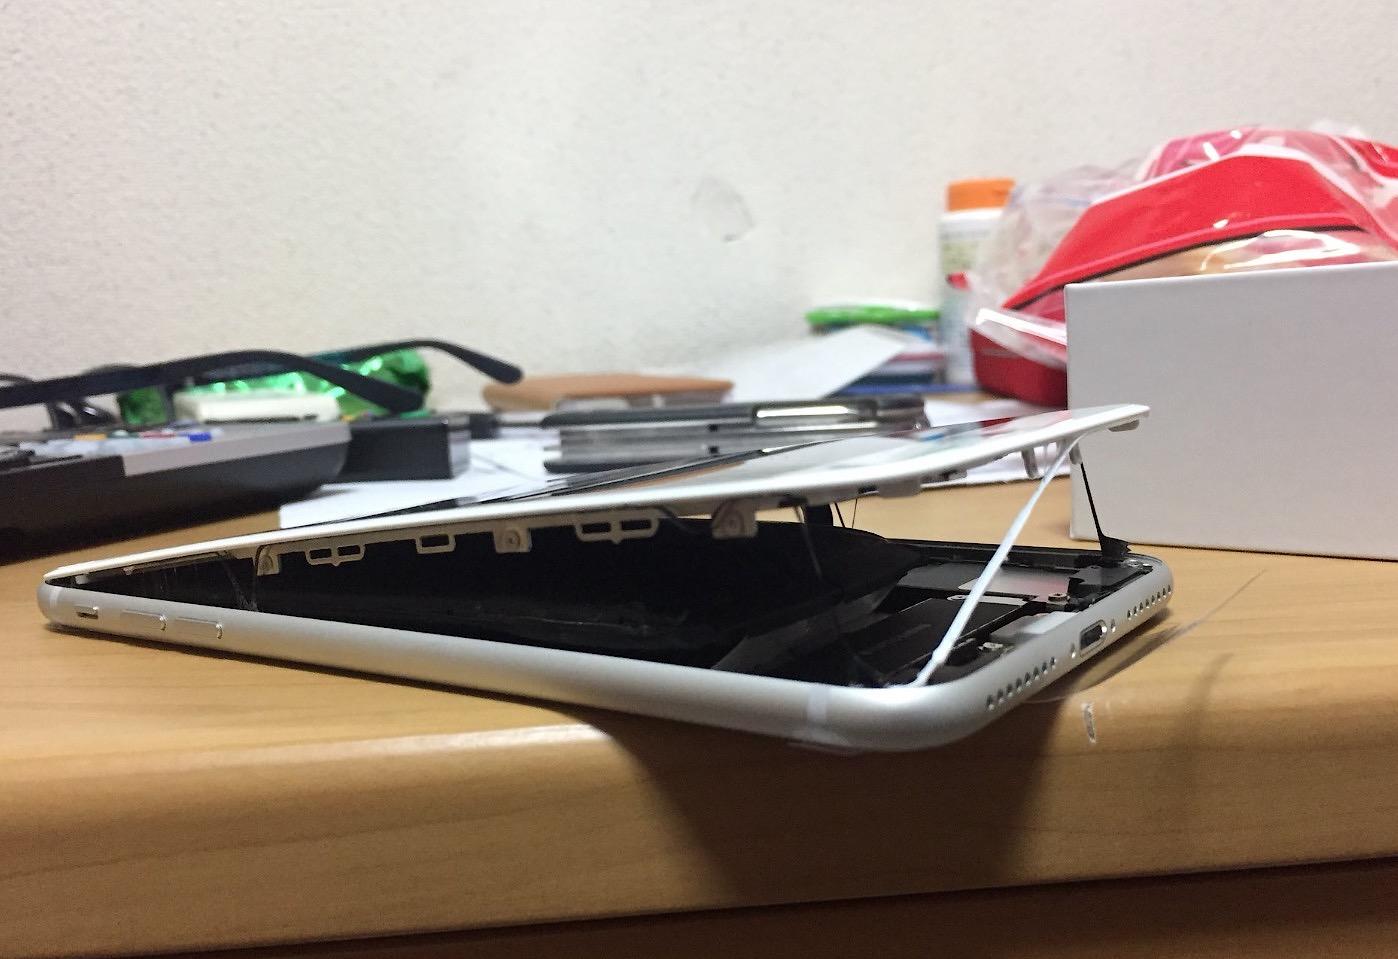 Al menos dos usuarios han hecho públicas imágenes de su iPhone 8 con la pantalla desprendida por una batería defectuosa